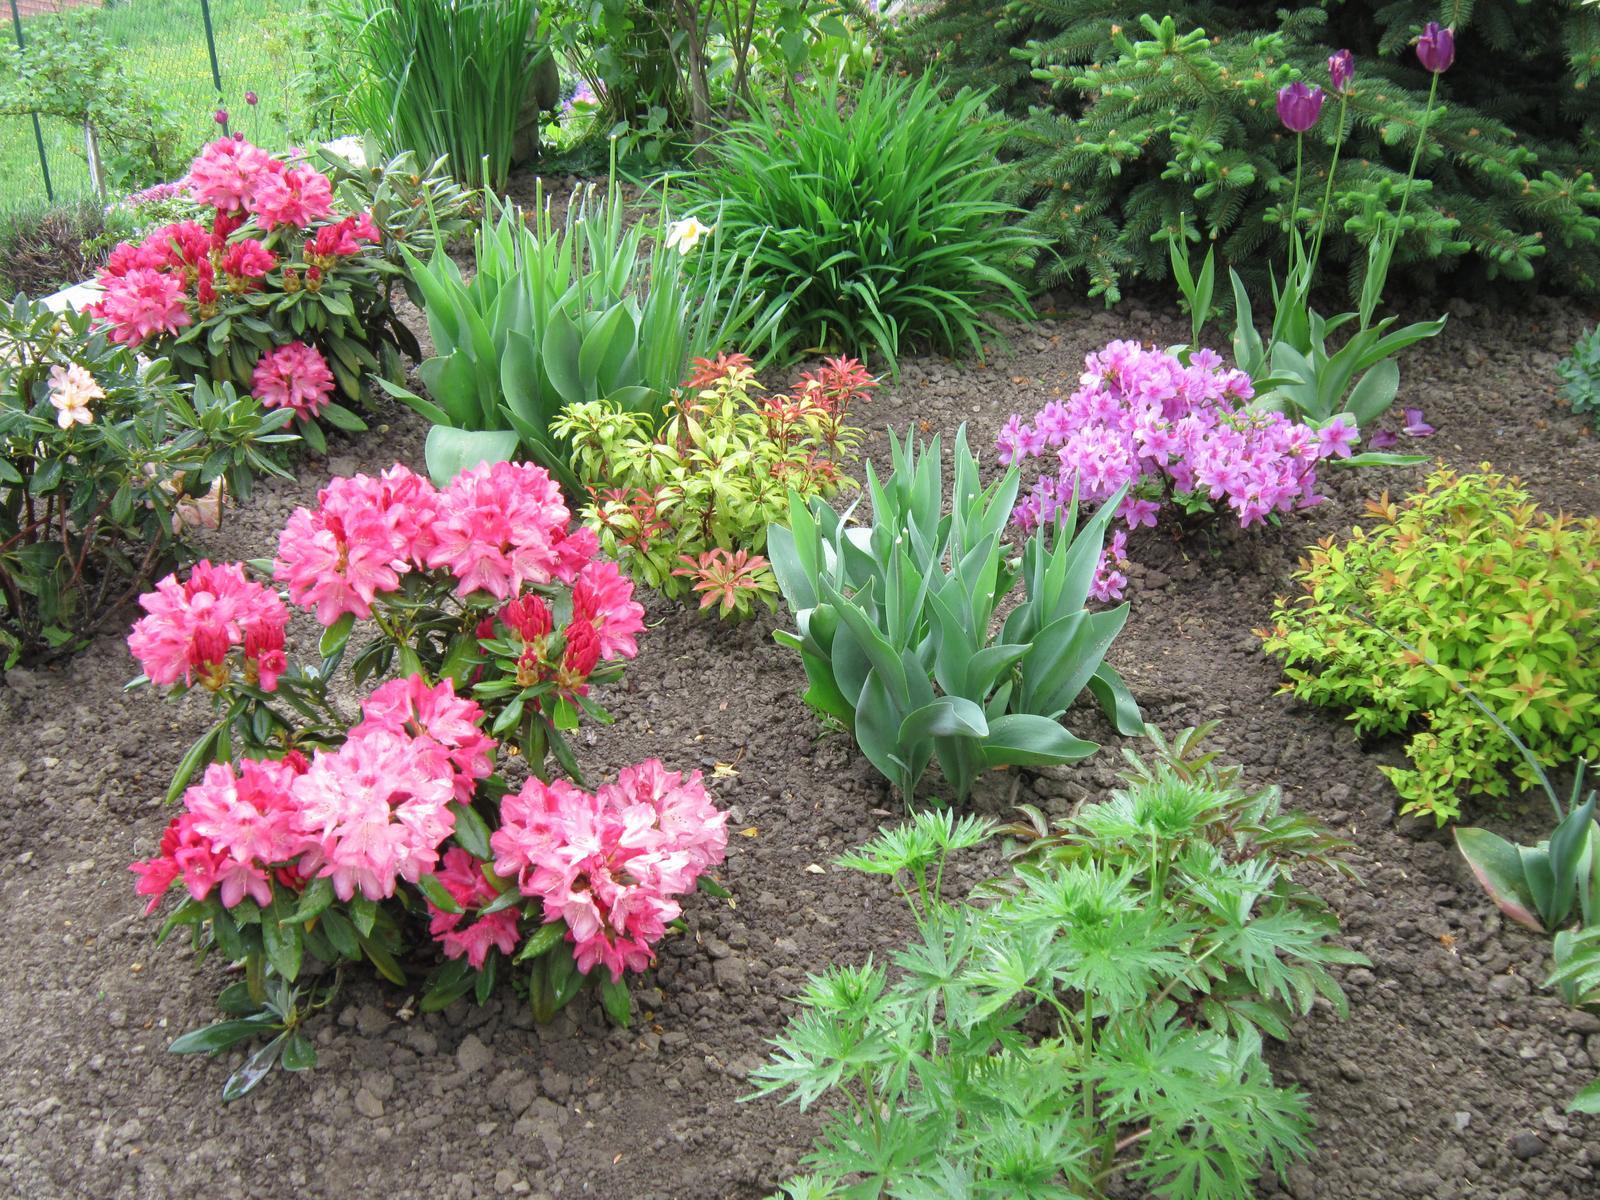 Pozvanie do našej jarnej záhrady - Obrázok č. 36